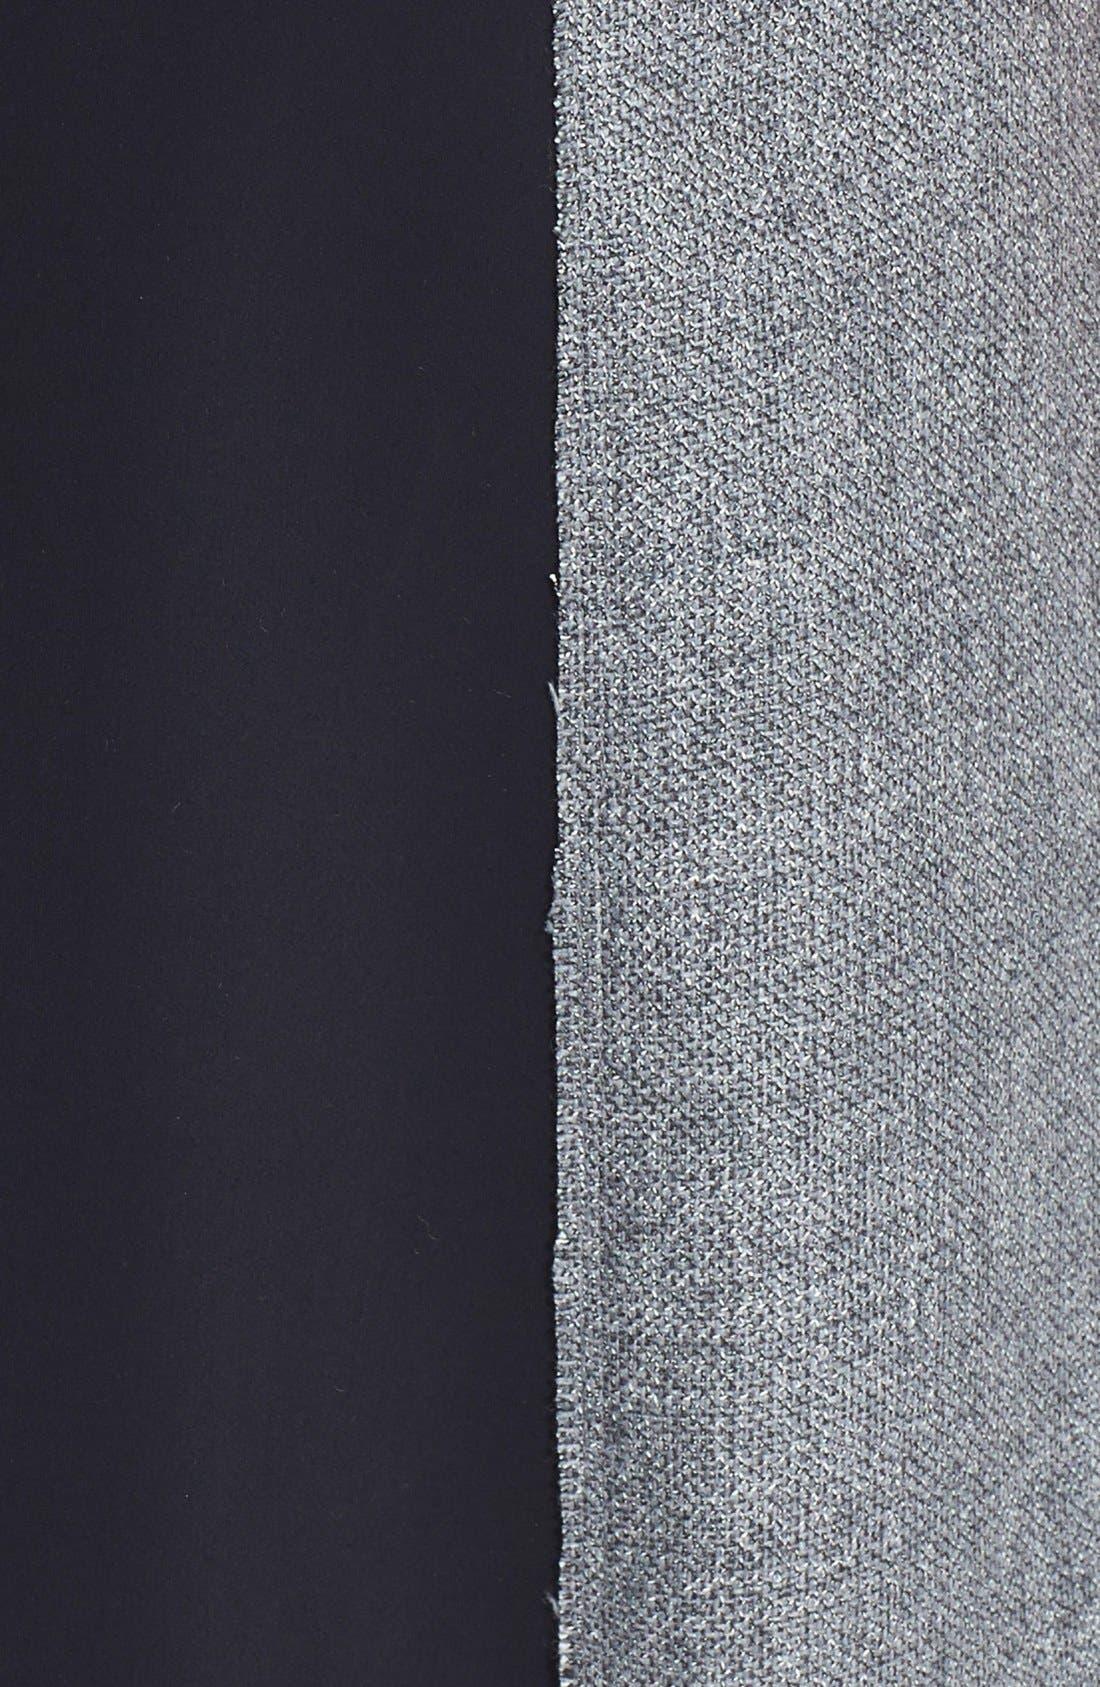 Alternate Image 3  - Elie Tahari 'Larissa' Colorblock Tweed Skirt